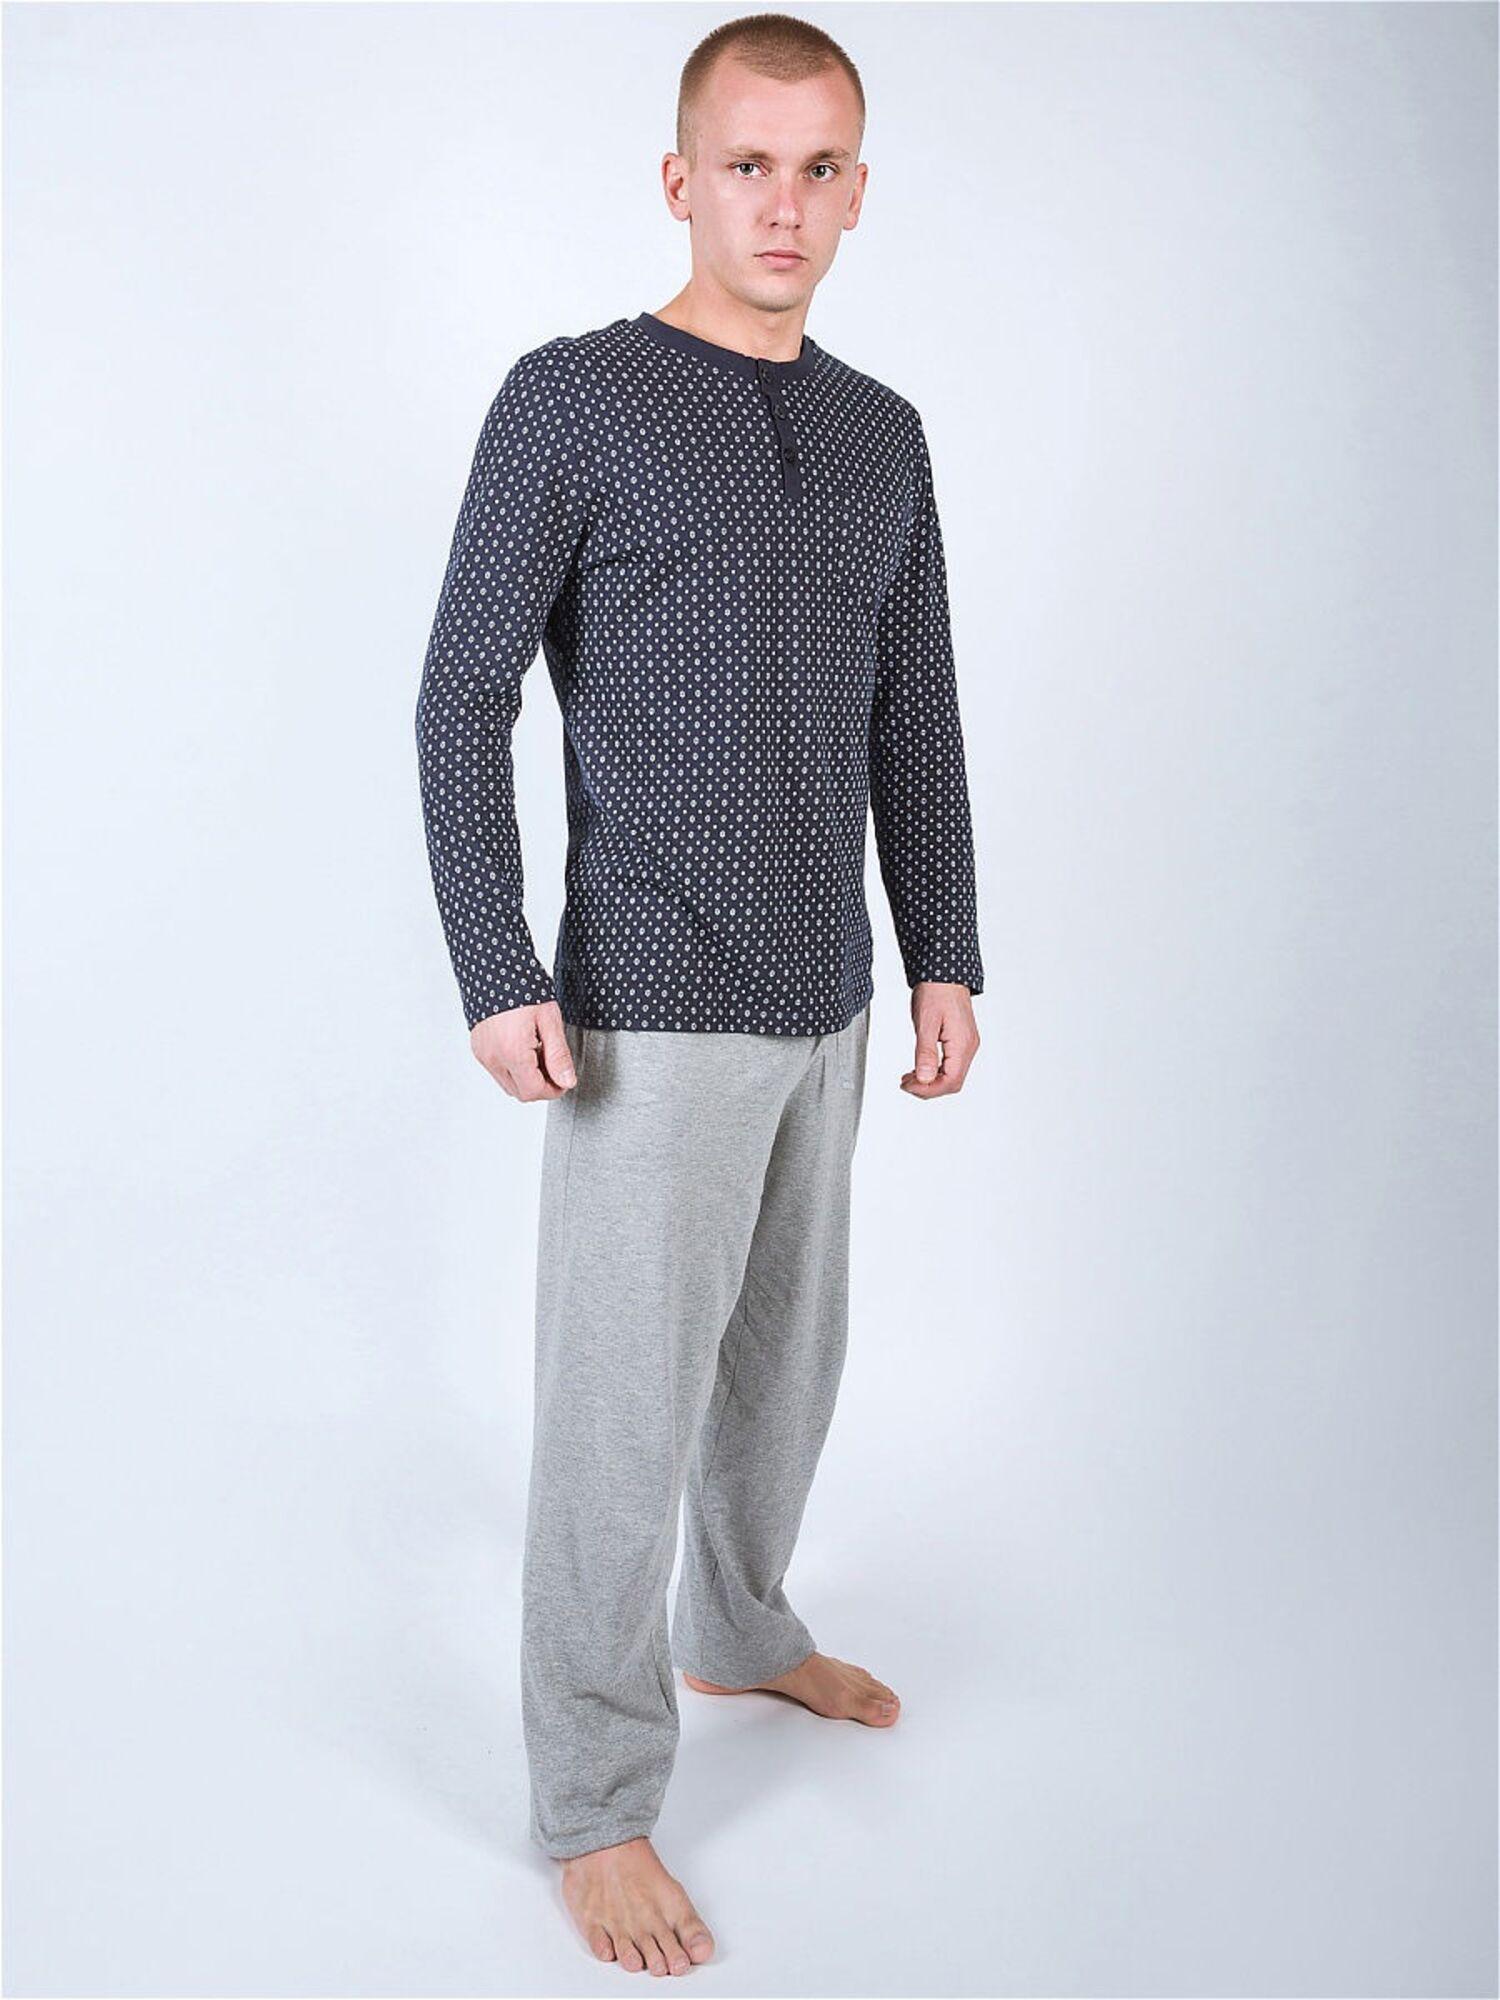 Комплект мужской с брюками PJ003 серый, Gentlemen